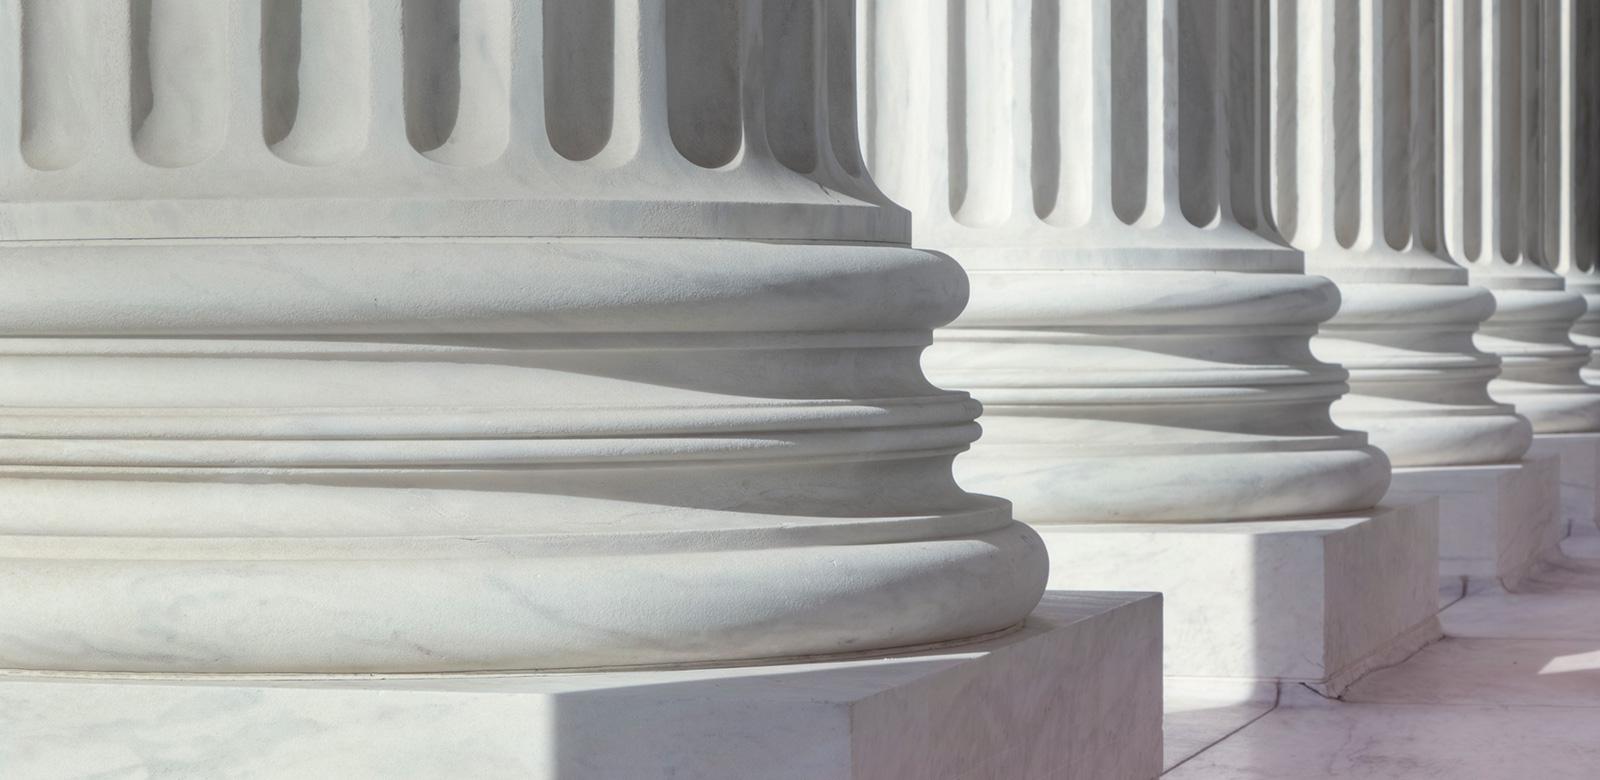 Avocats Conseil & Contentieux - droit des affaires